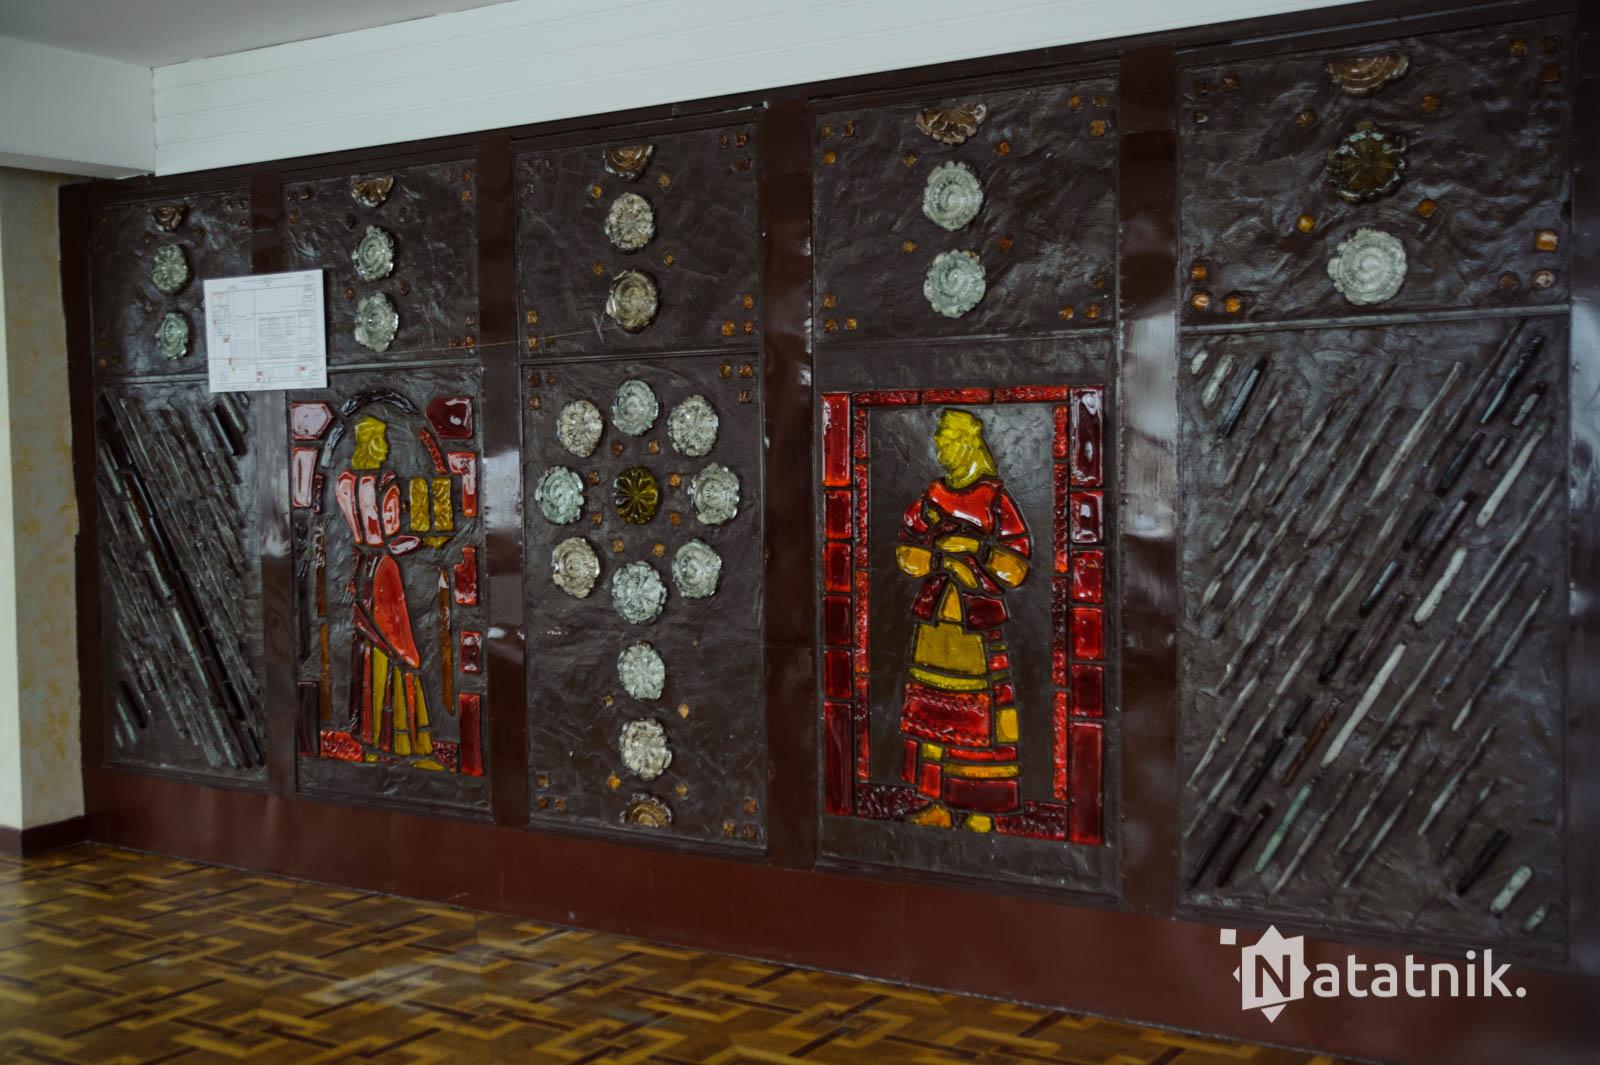 мозаика из цветного стекла в национальной стилистике, Брест